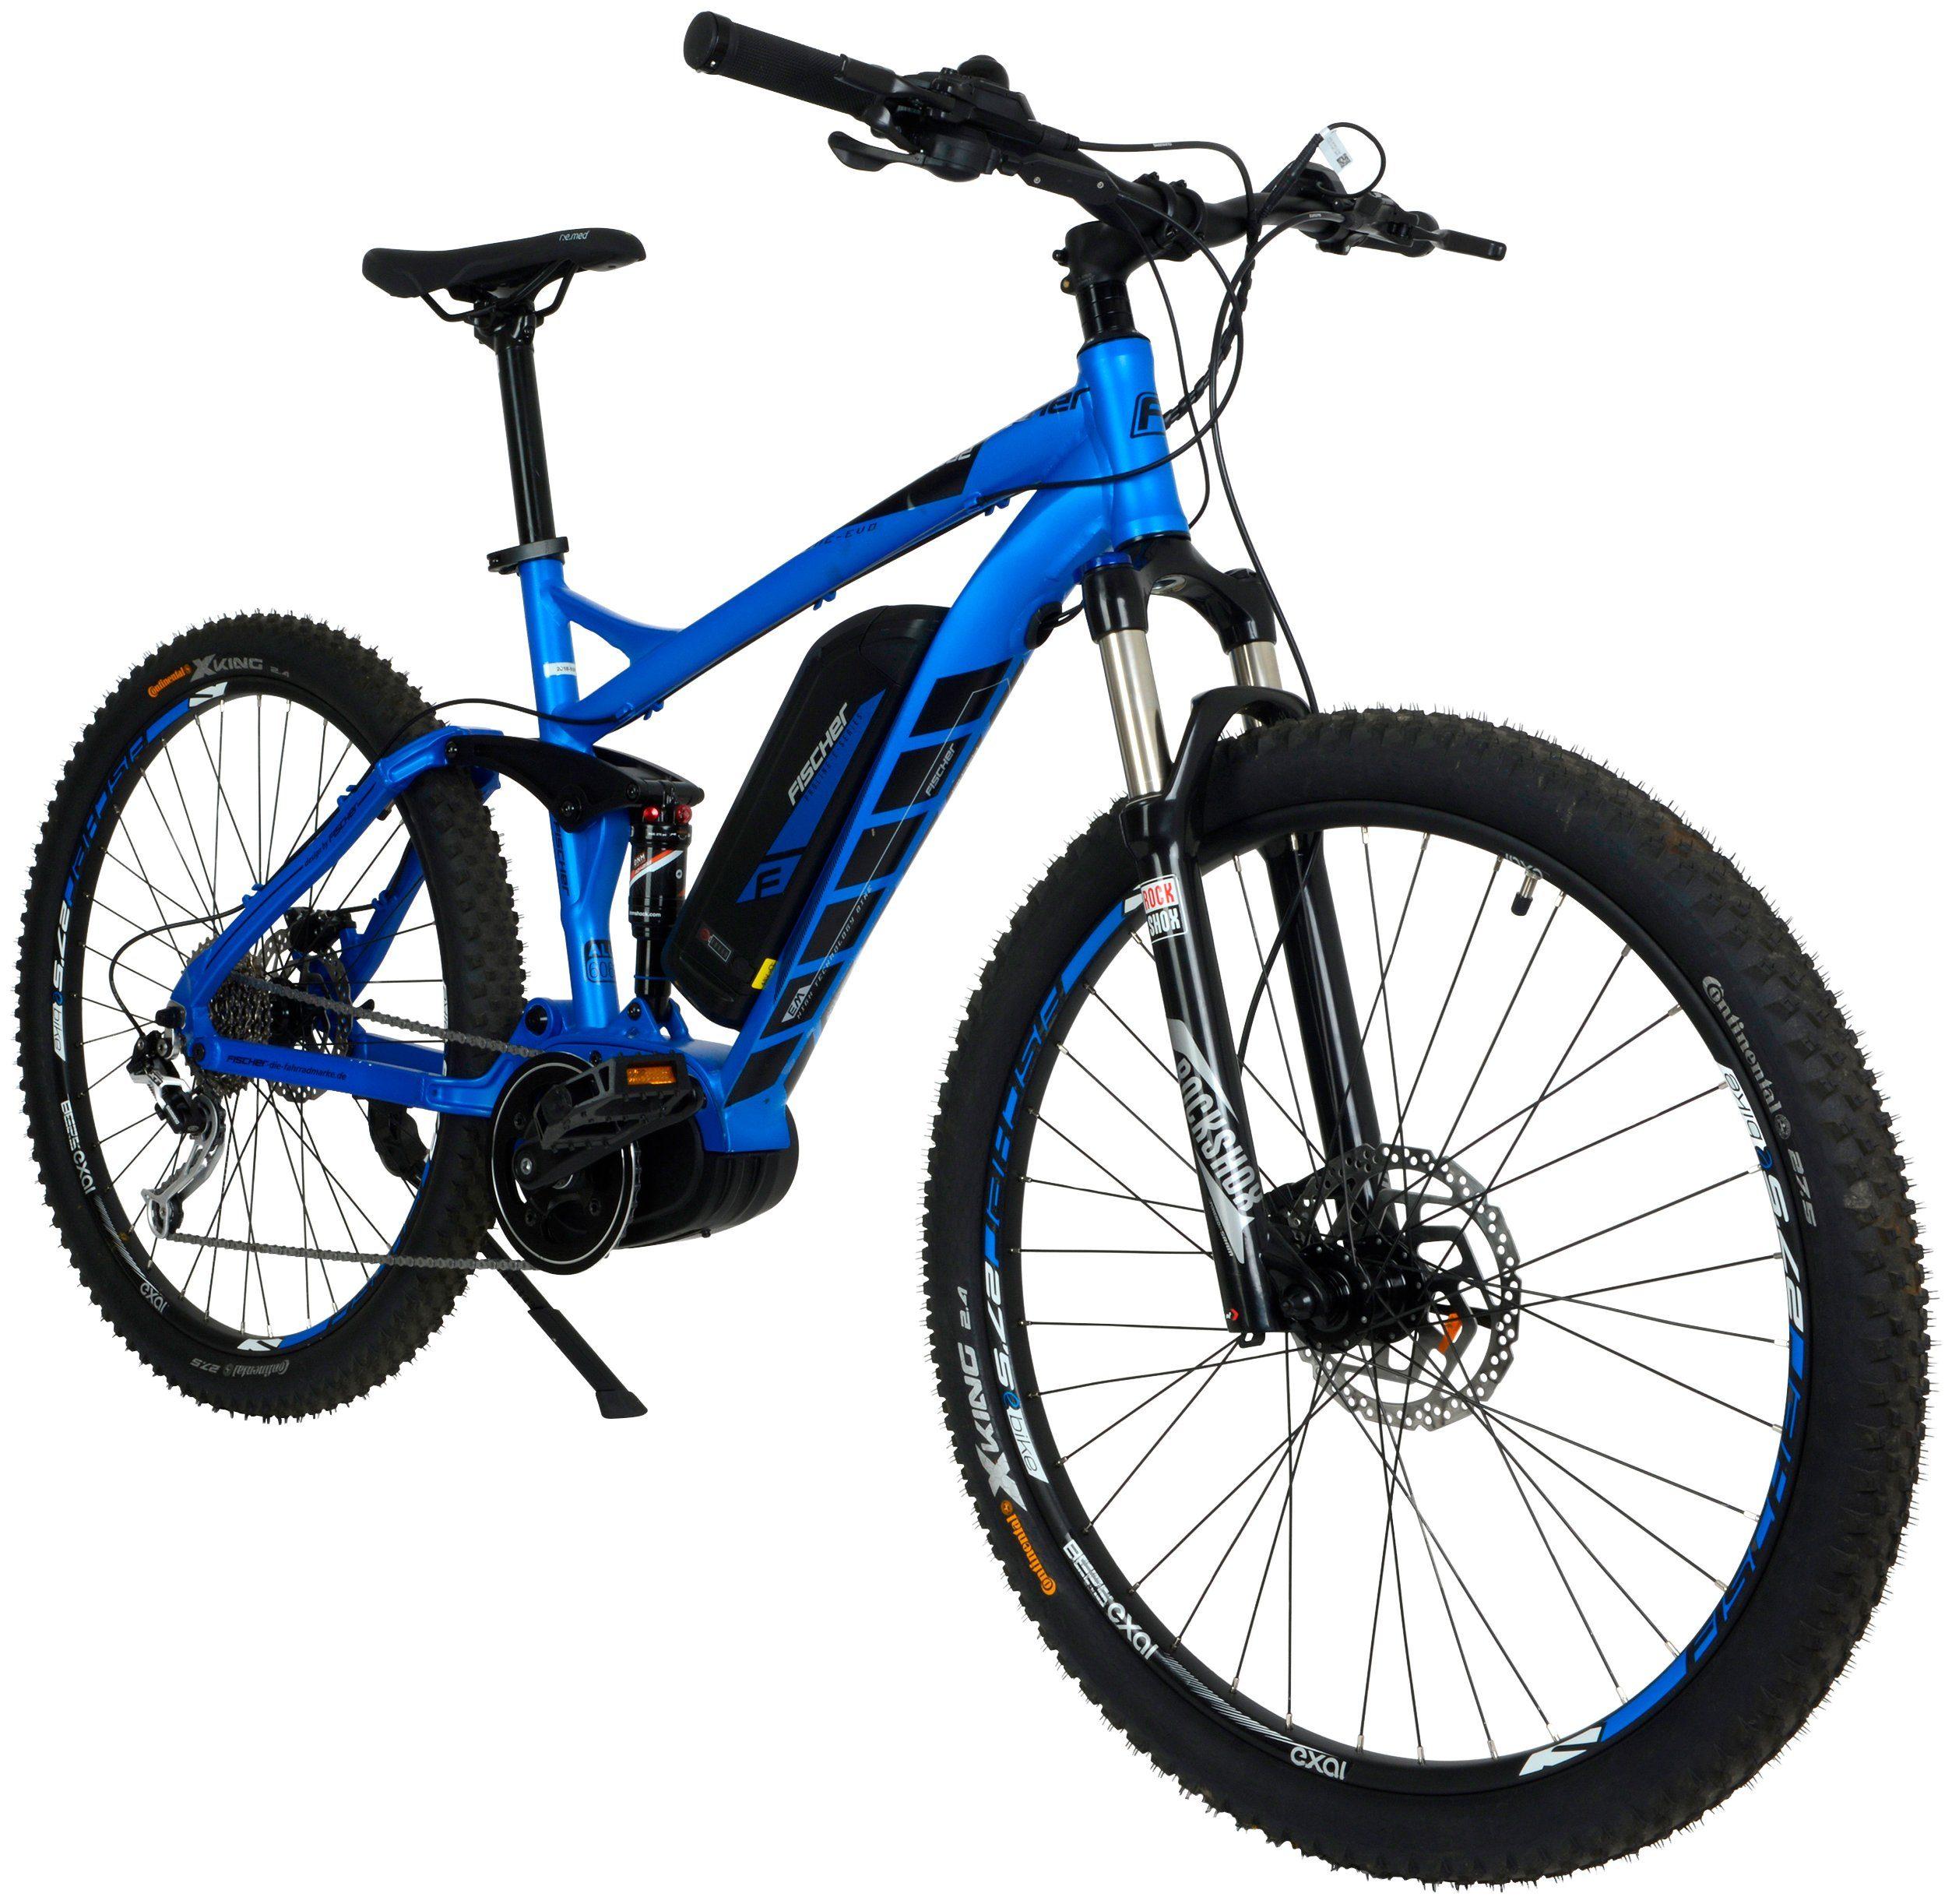 FISCHER FAHRRAEDER E-Bike Mountainbike »EM1862«, 27,5 Zoll, 9 Gänge, 557 Wh, BAFANG MaxDrive